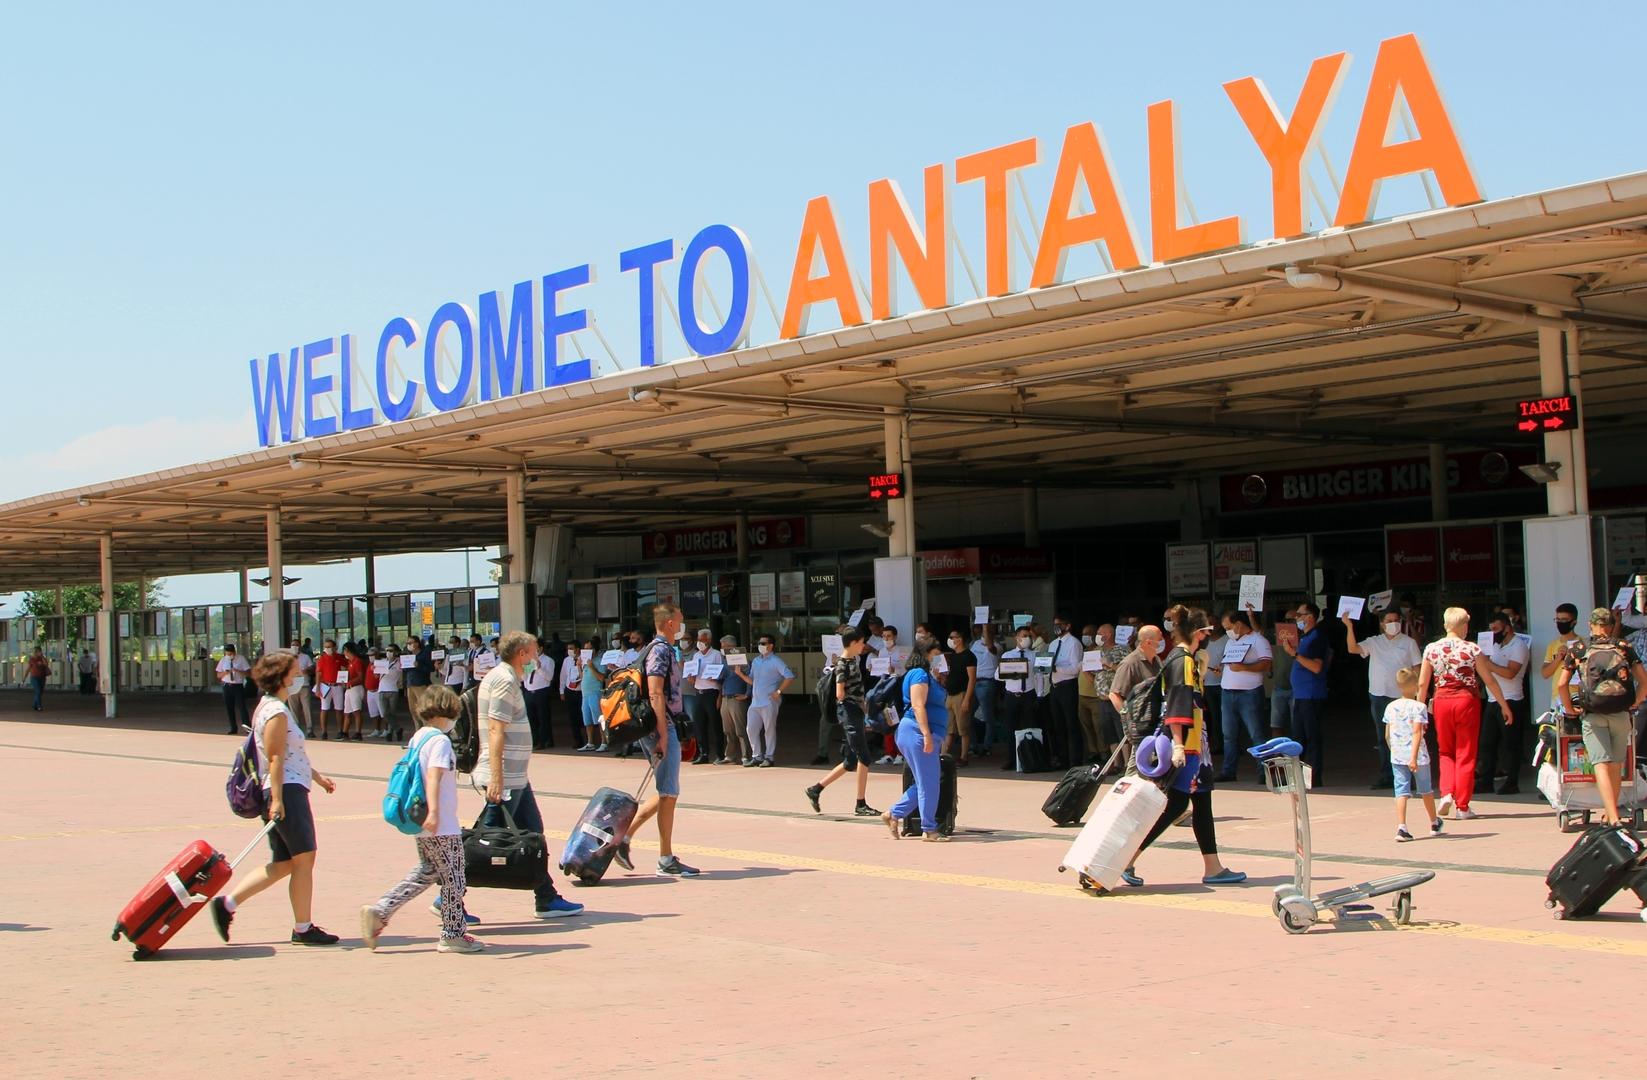 مع تزايد الإصابات بكورونا.. هل تغلق تركيا حدودها في وجه السياح الأجانب؟